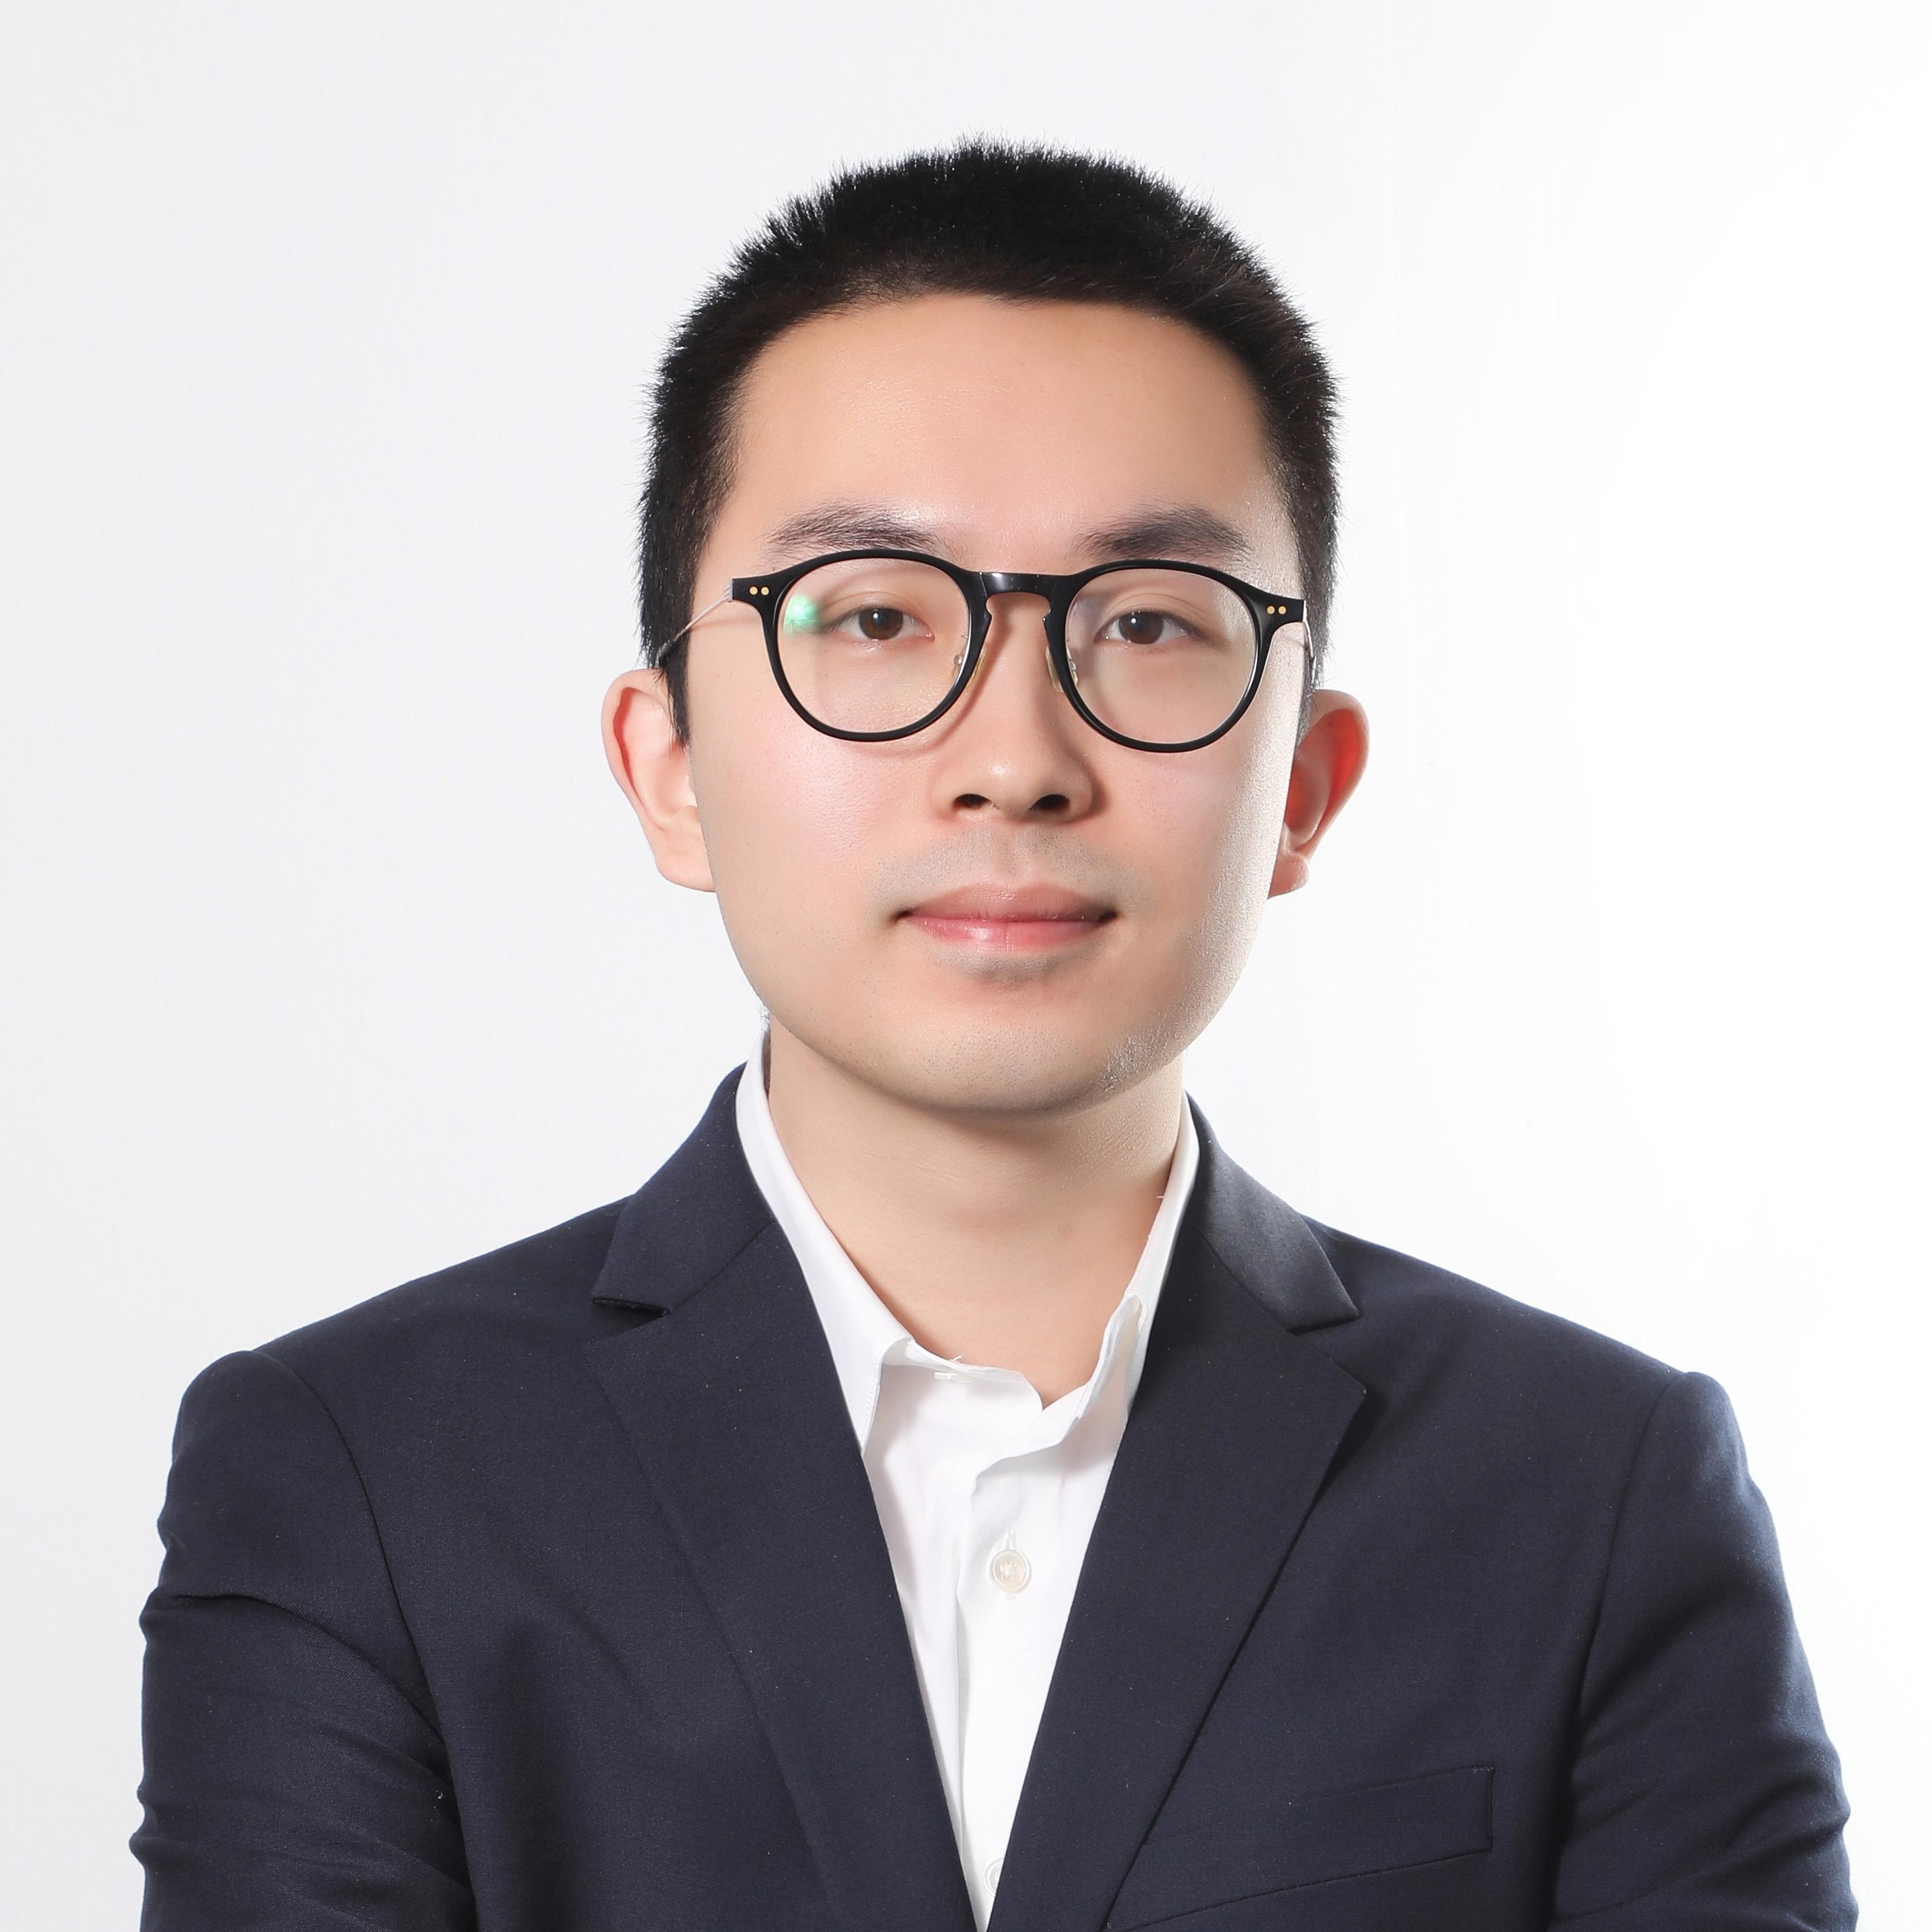 Hanbo Shao